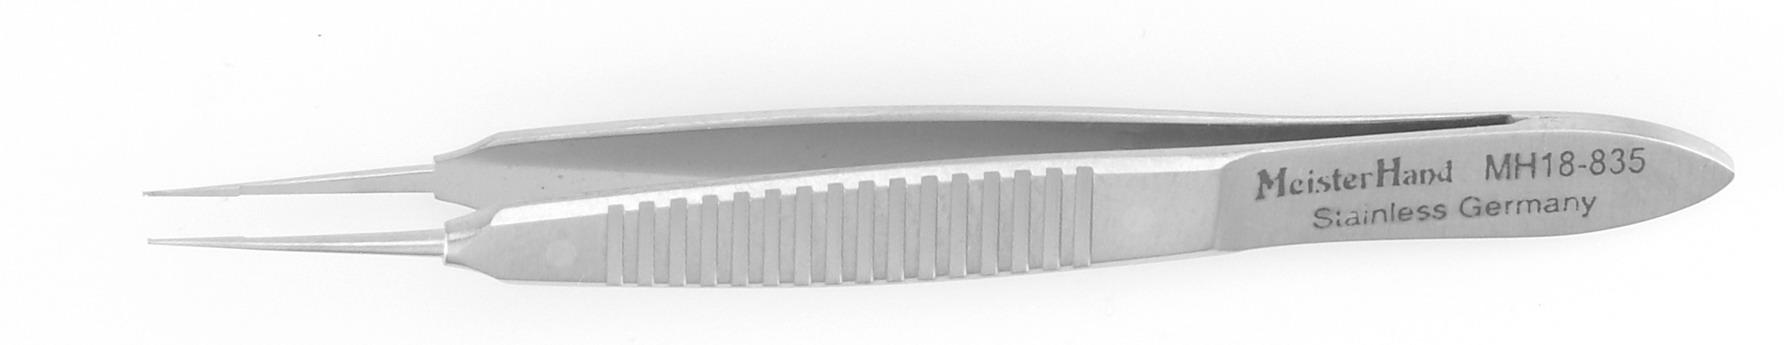 mh-bonn-fcp-2-3-4-012mm-mh18-835-miltex.jpg